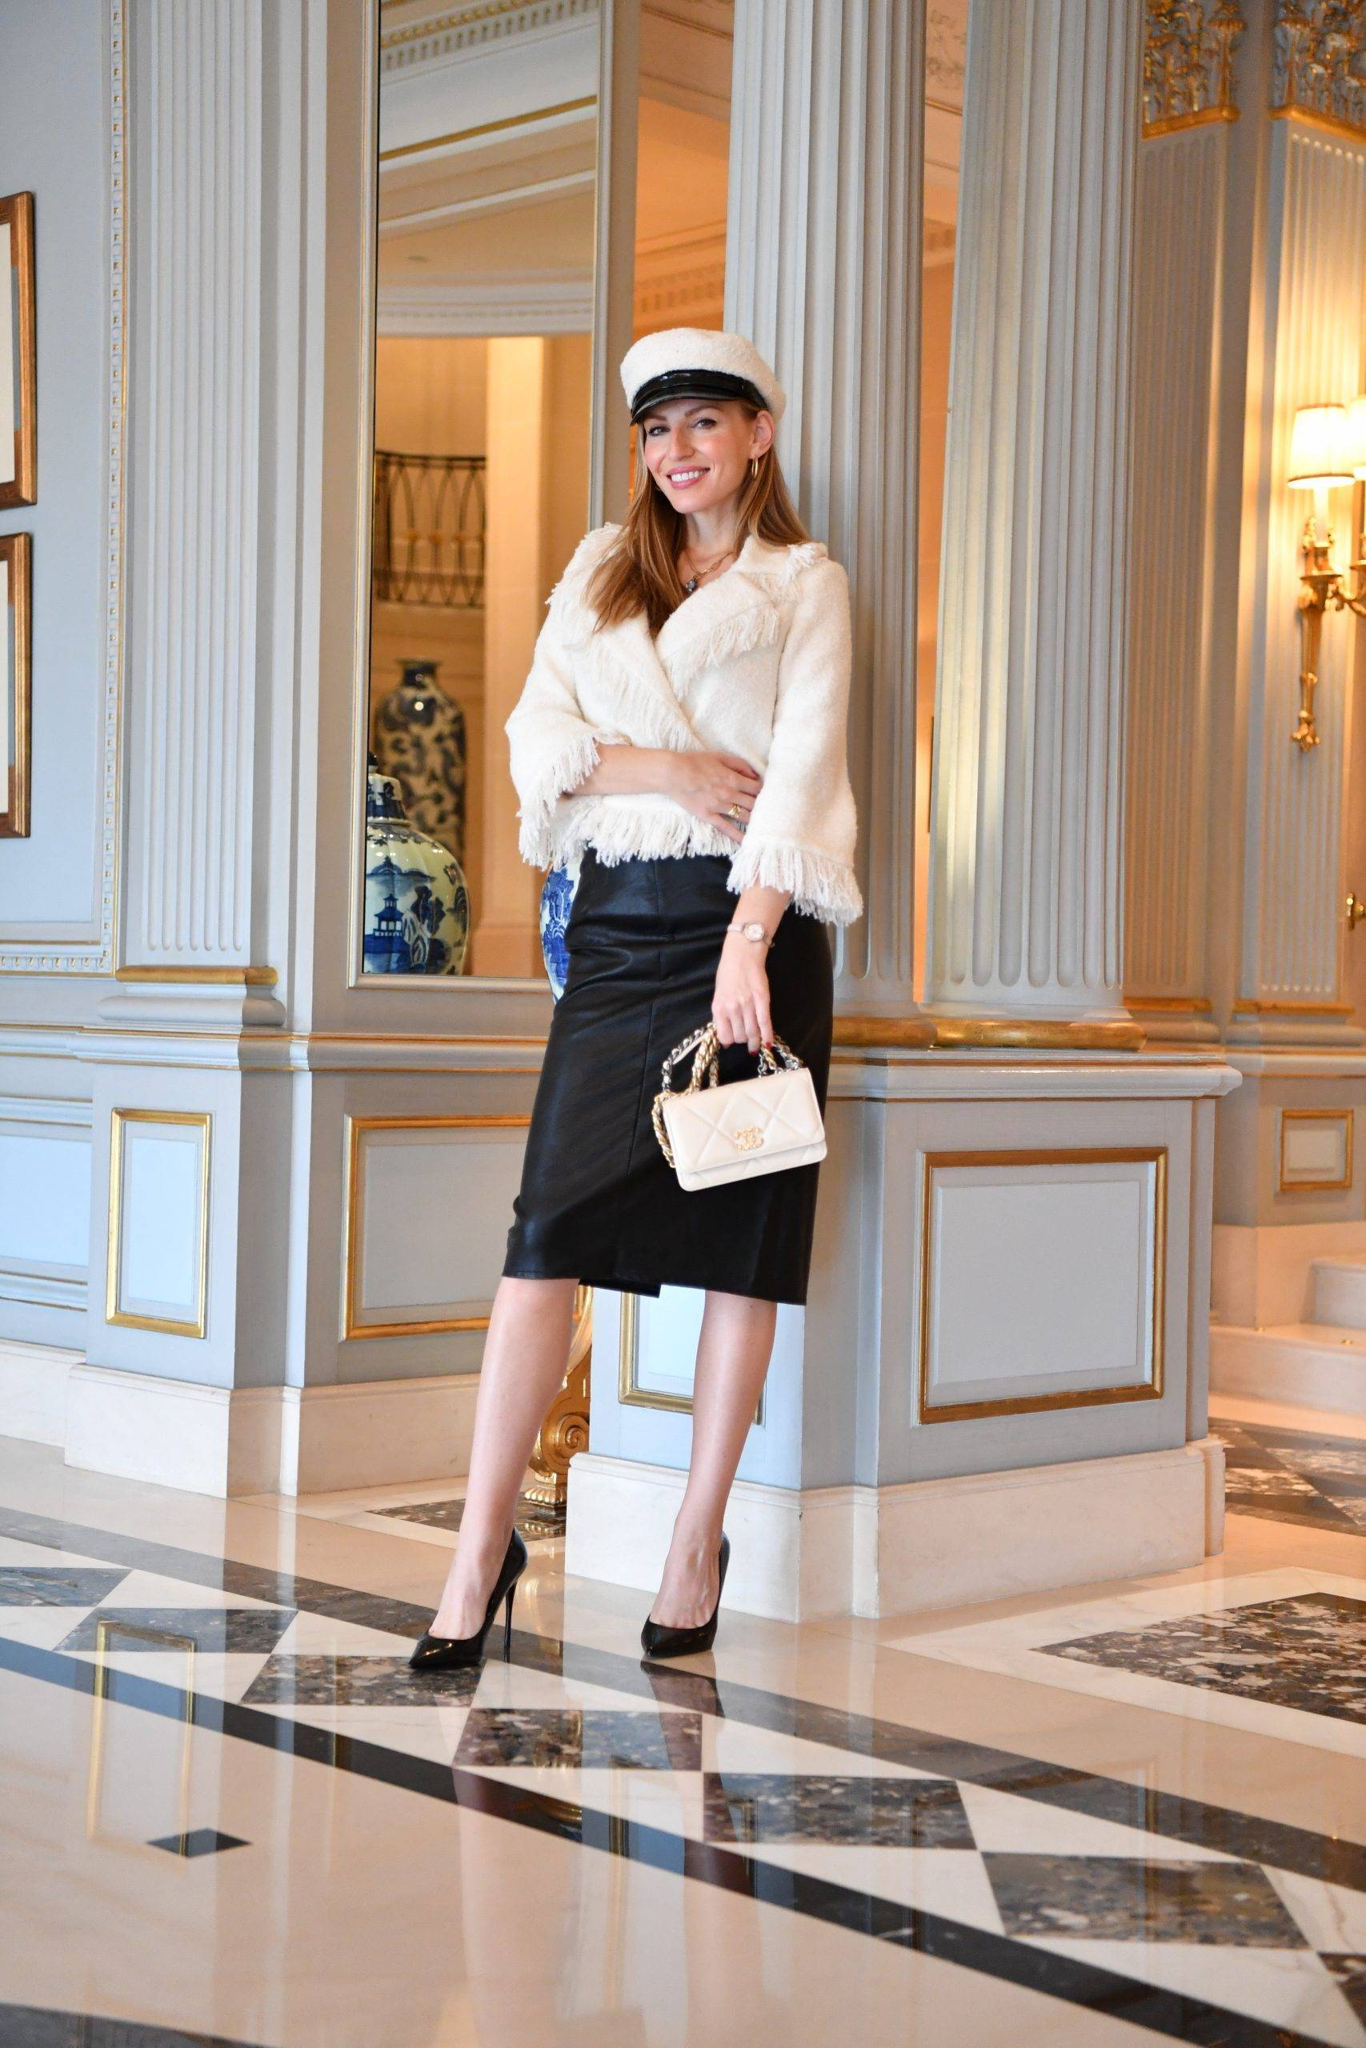 Four Seasons Hotel, Bella_Zofia is wearing Millé Milano look,  Izabela Switon-Kulinska